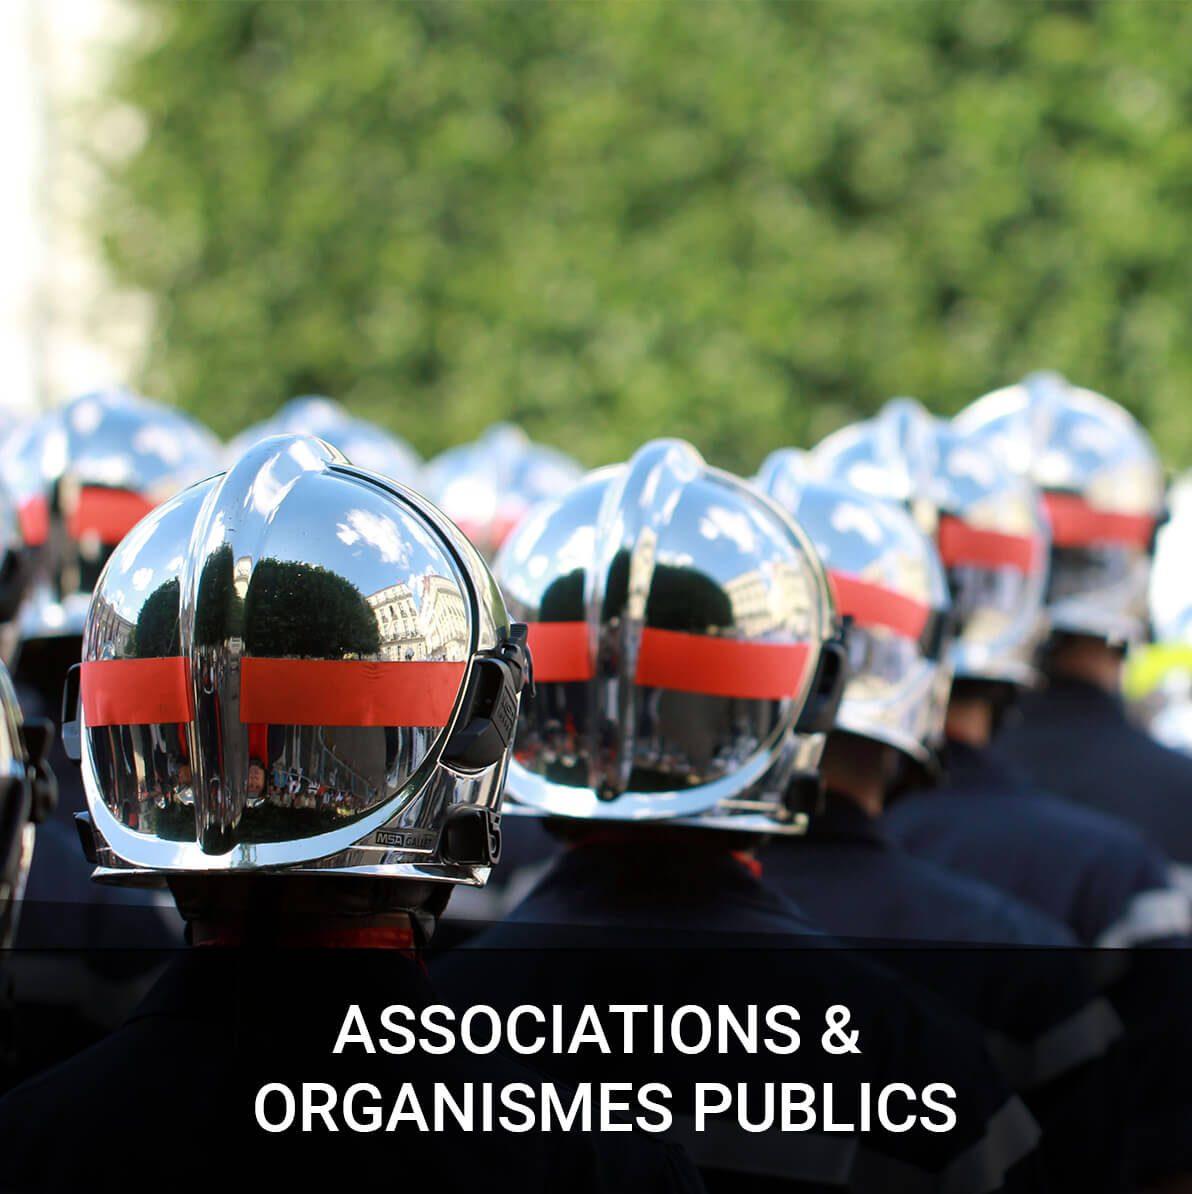 Image représentant la catégorie associations et organismes publics des réalisations de Fructiweb